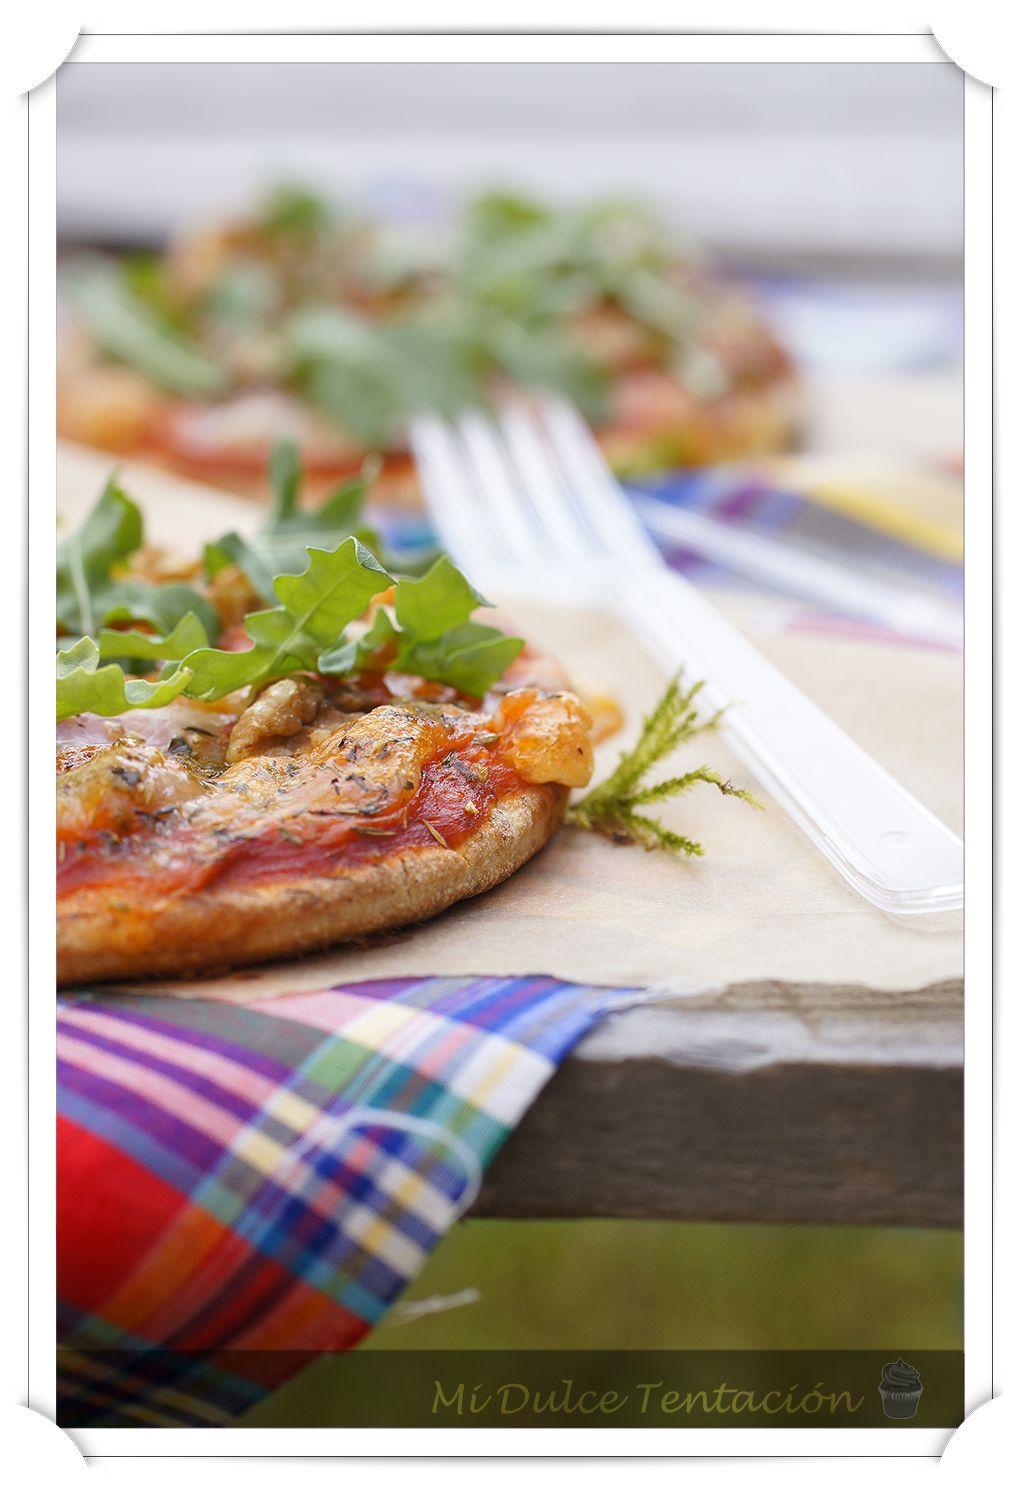 Mi dulce tentación: Minipizzas de Bacon y Rúcula